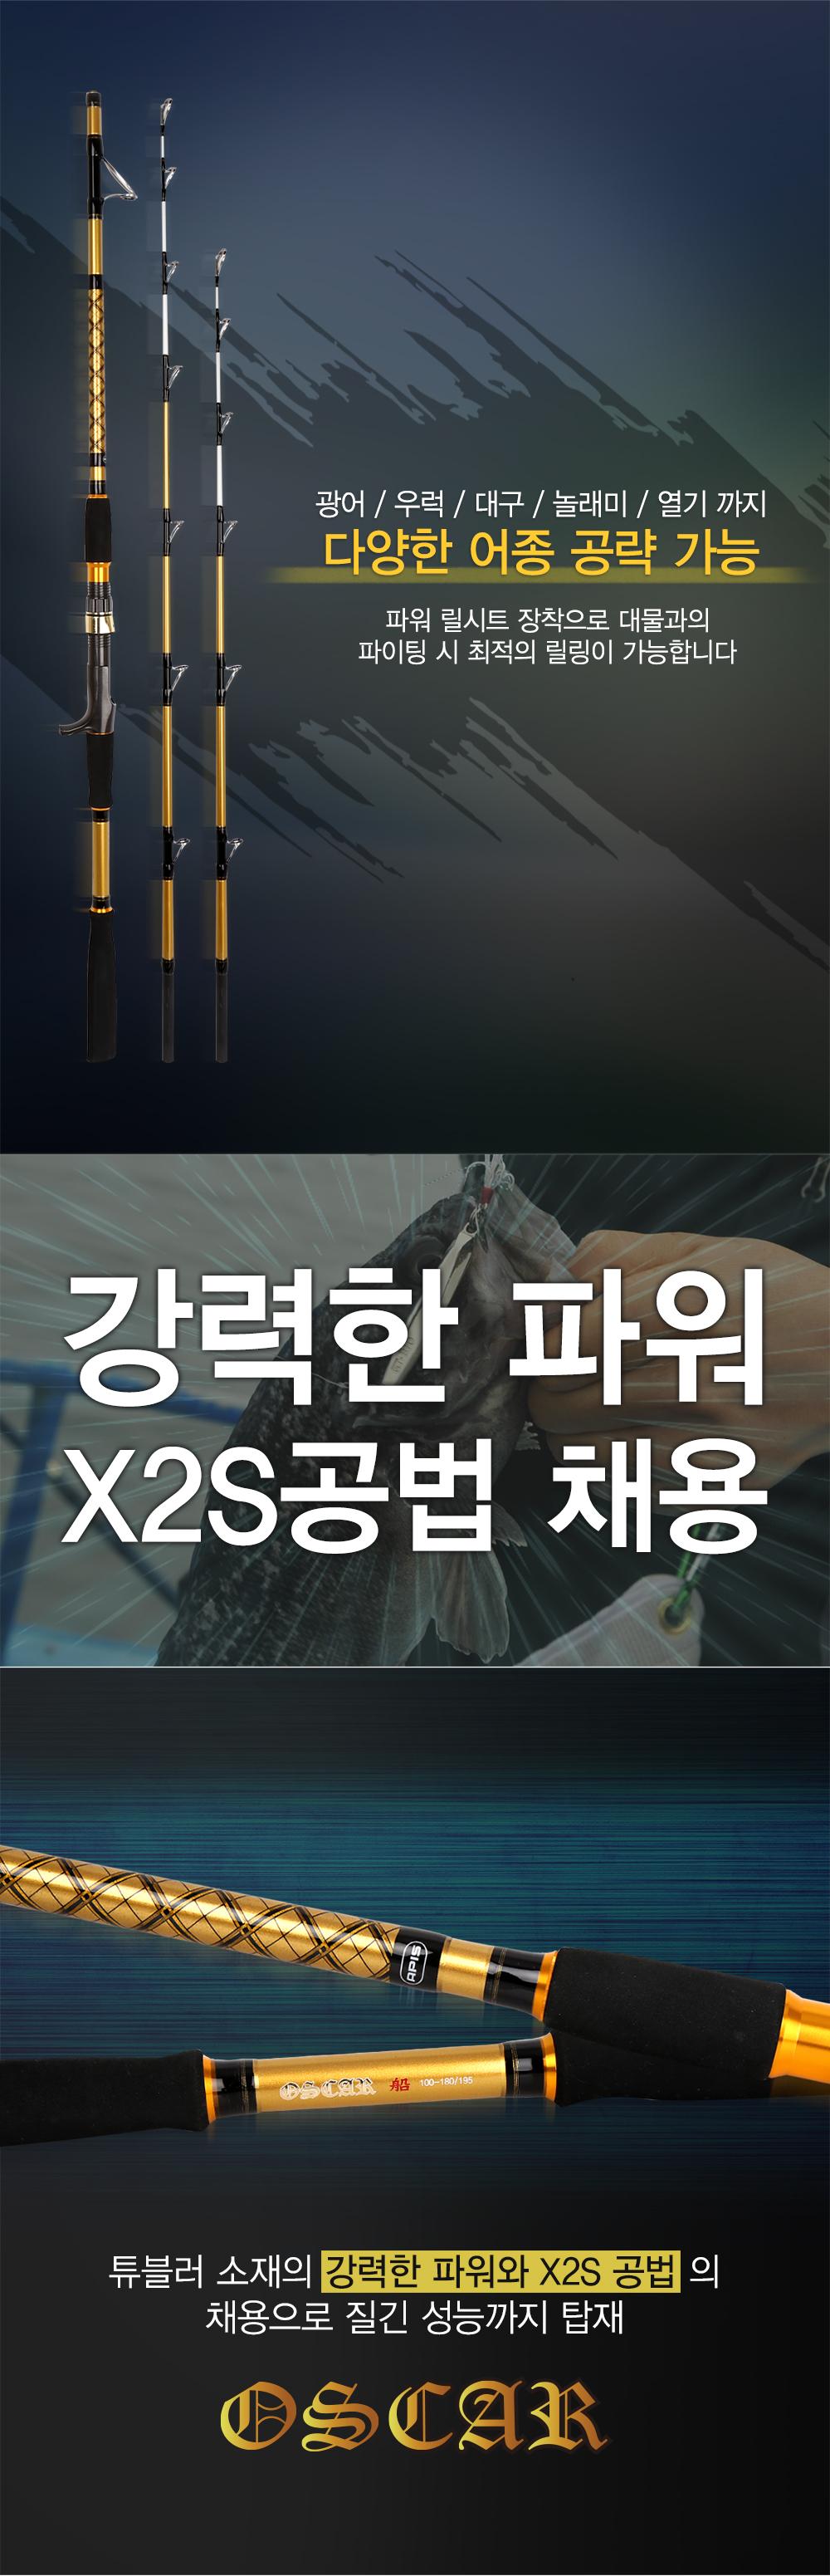 아피스 오스카 선 우럭 100-195/180  (2톱) 열기 지깅 선상 배 광어 선상낚시 우럭낚시대 광어낚시대 투톱낚시대 아피스낚시대